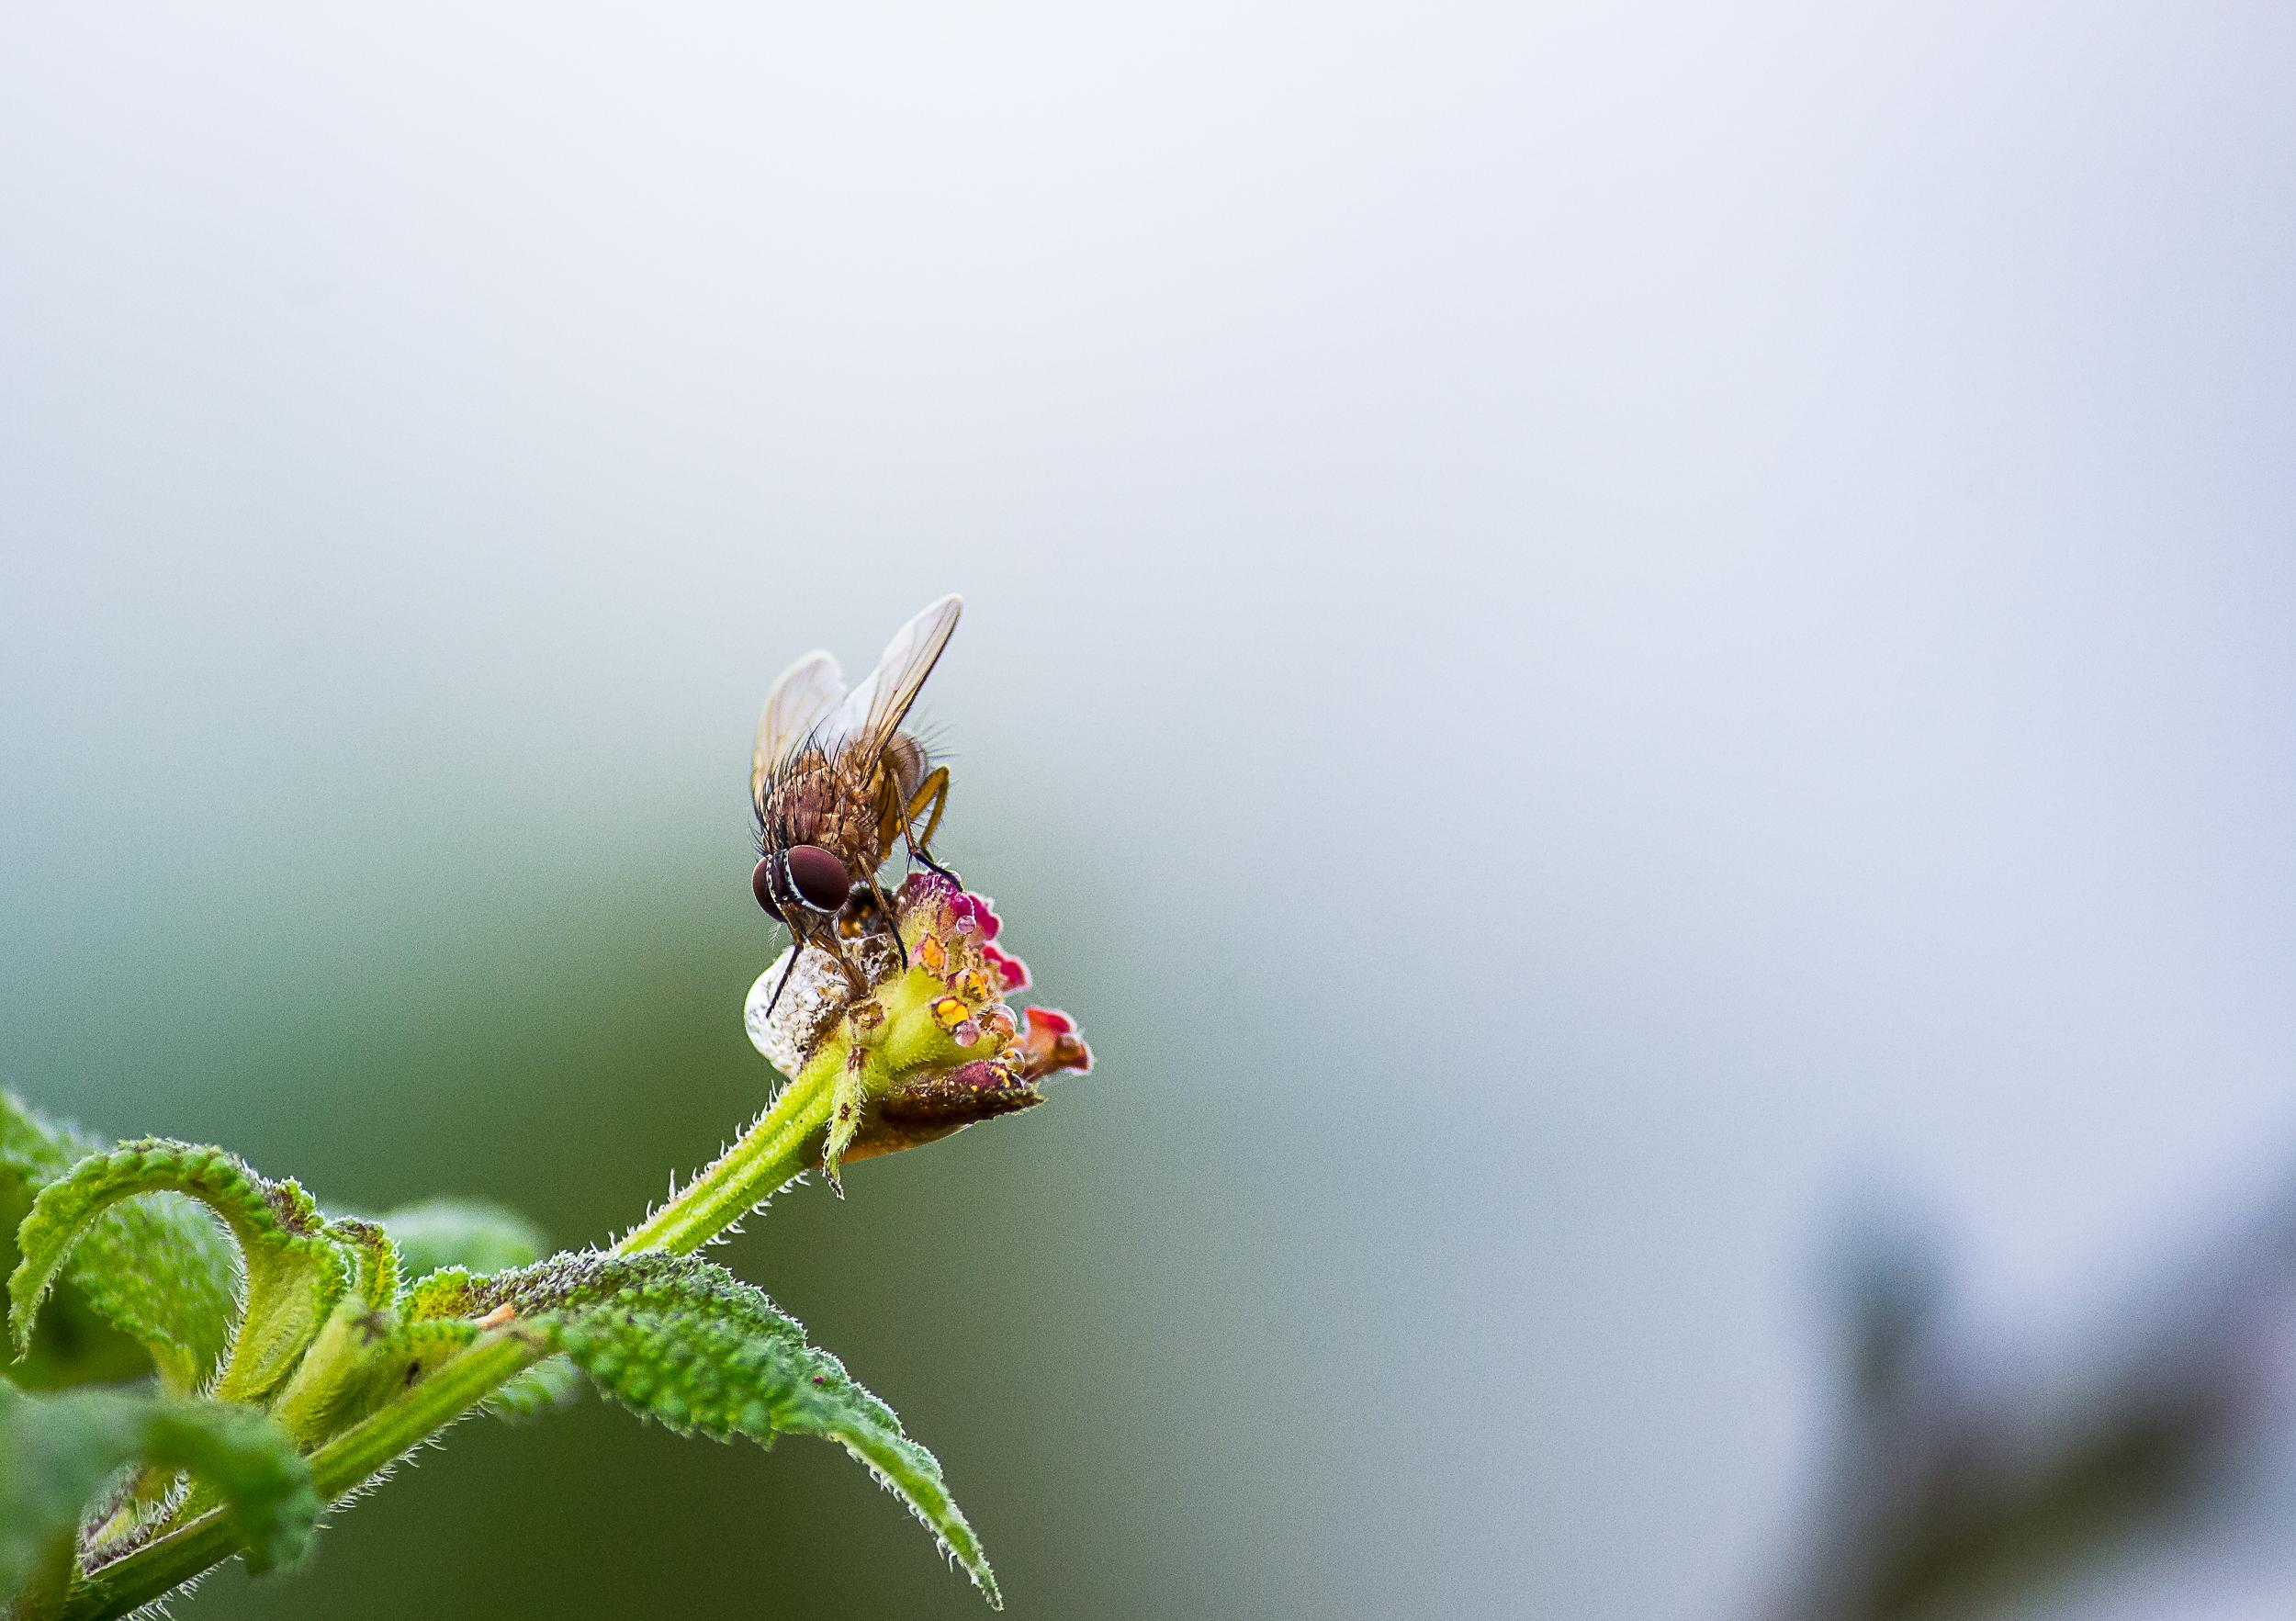 A housefly on a plant bud